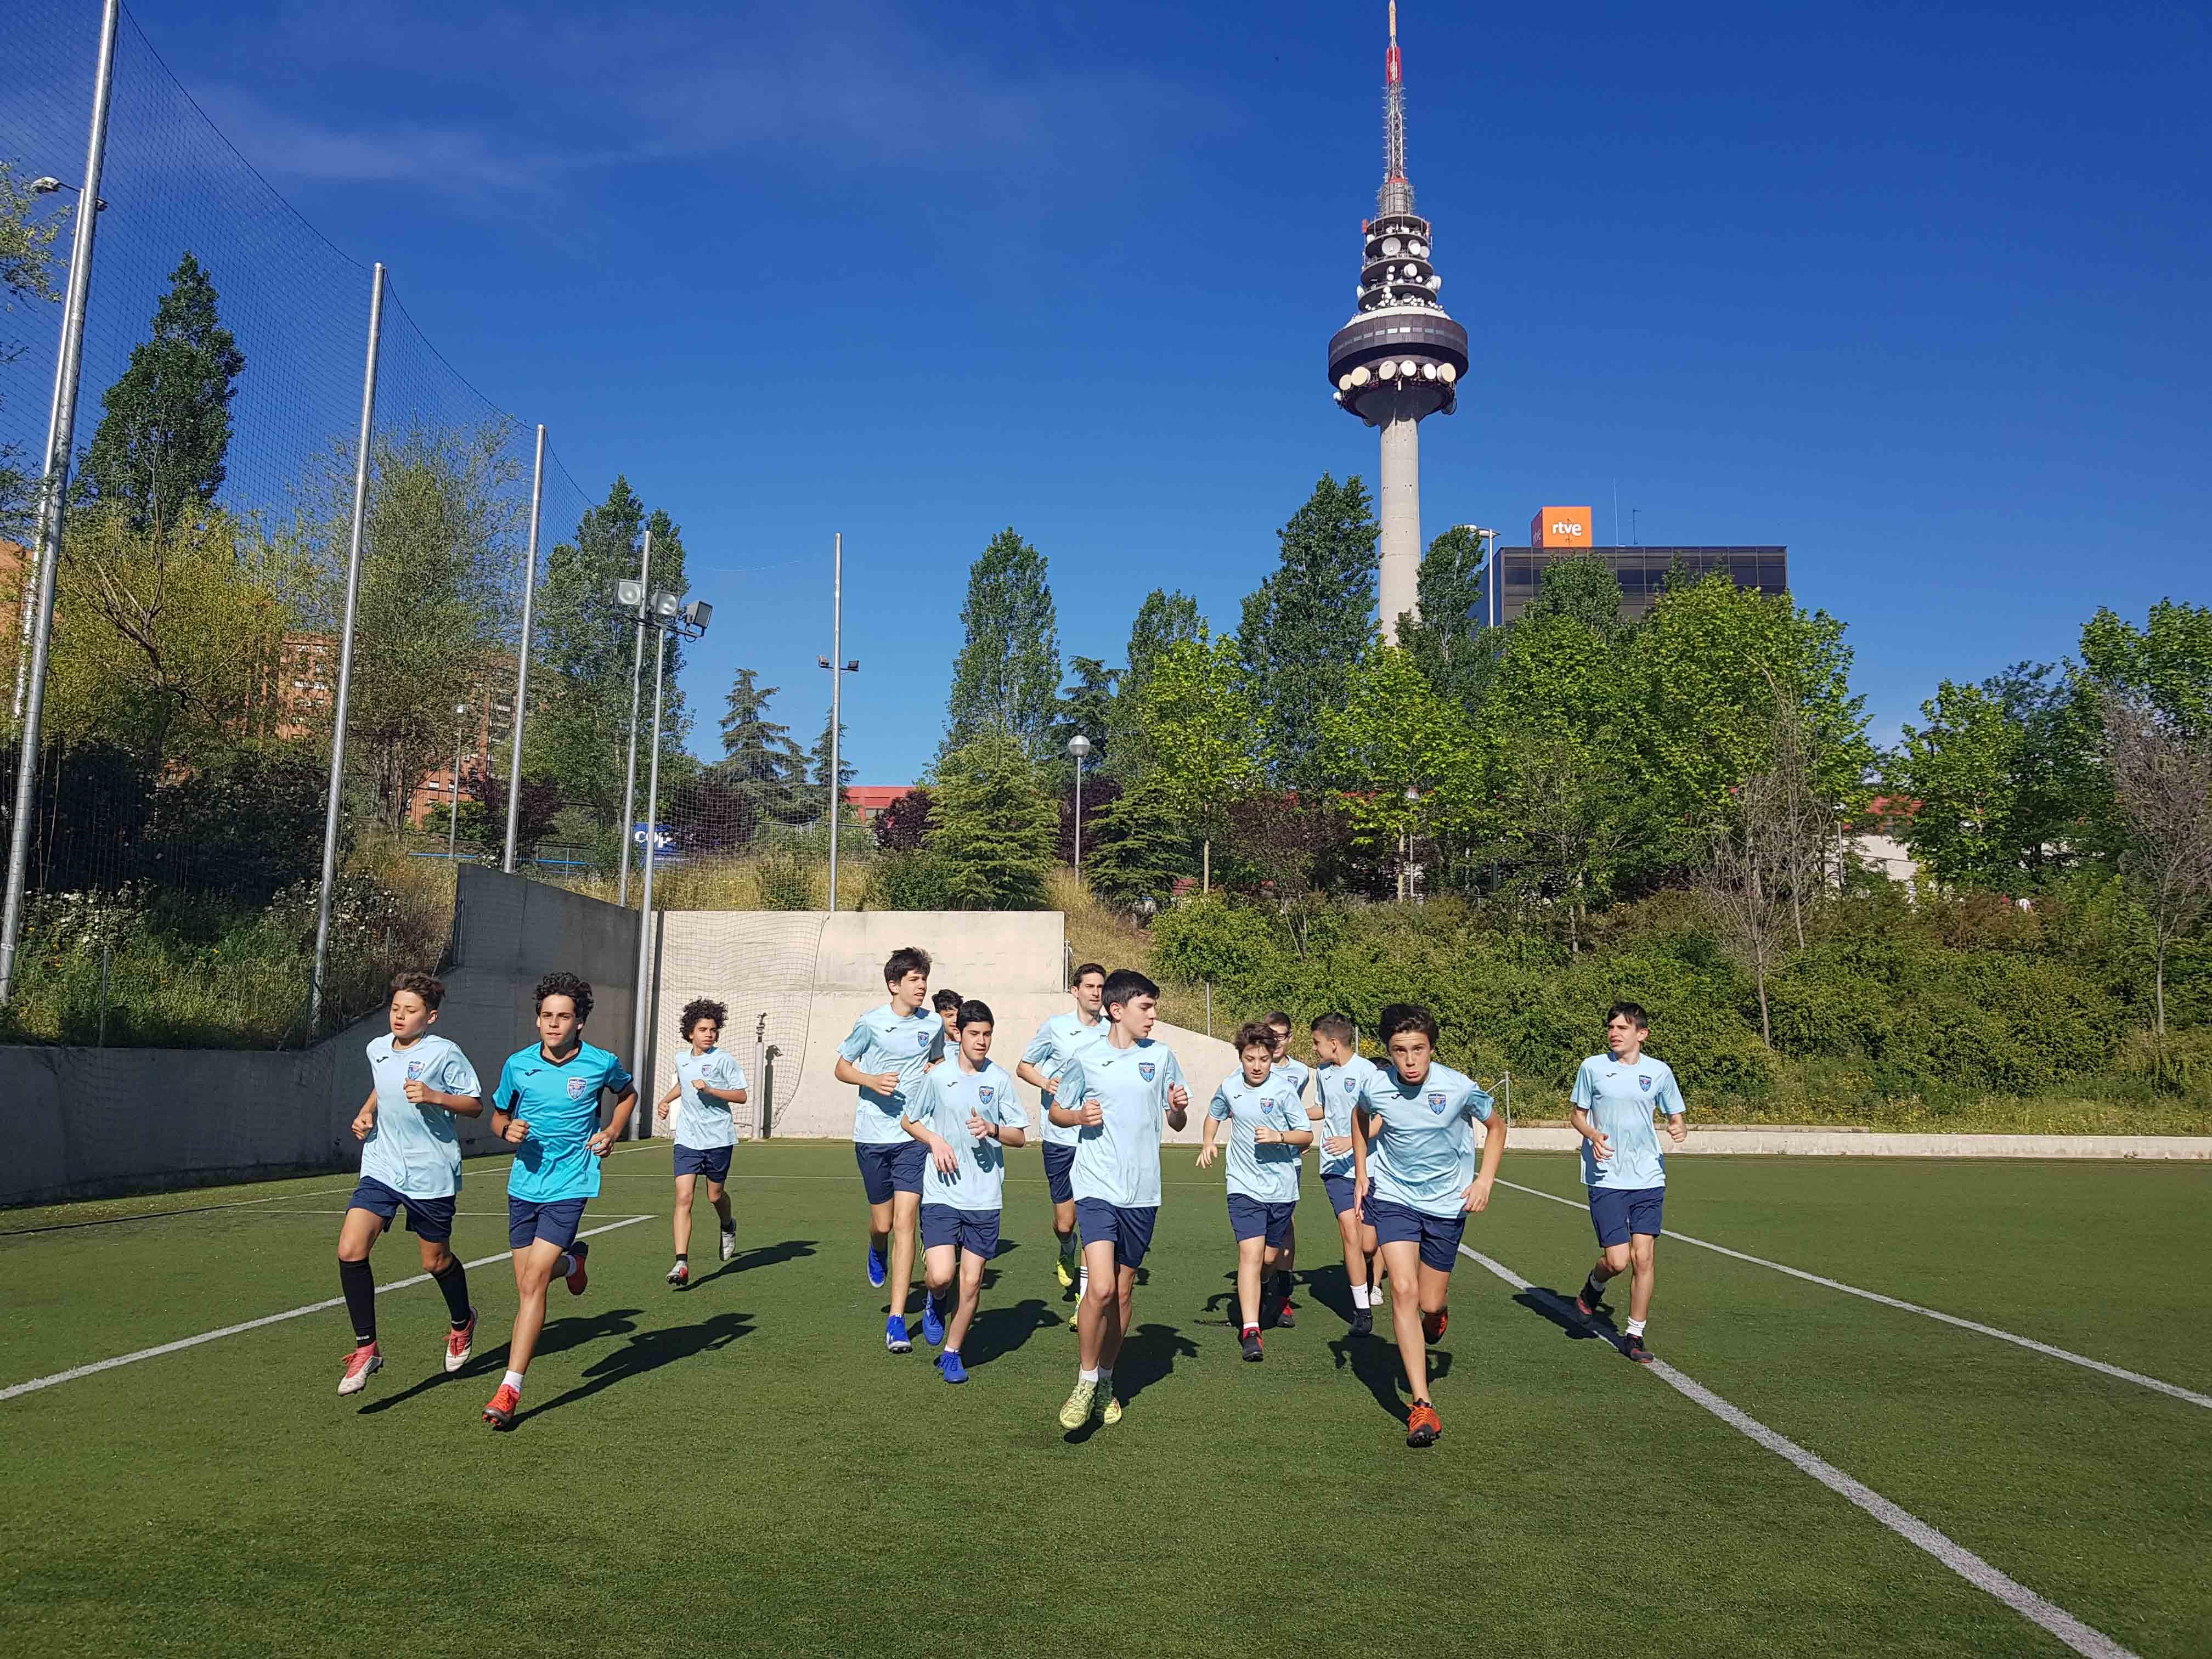 escuela-de-futbol-en-Madrid-escuela-Breogan